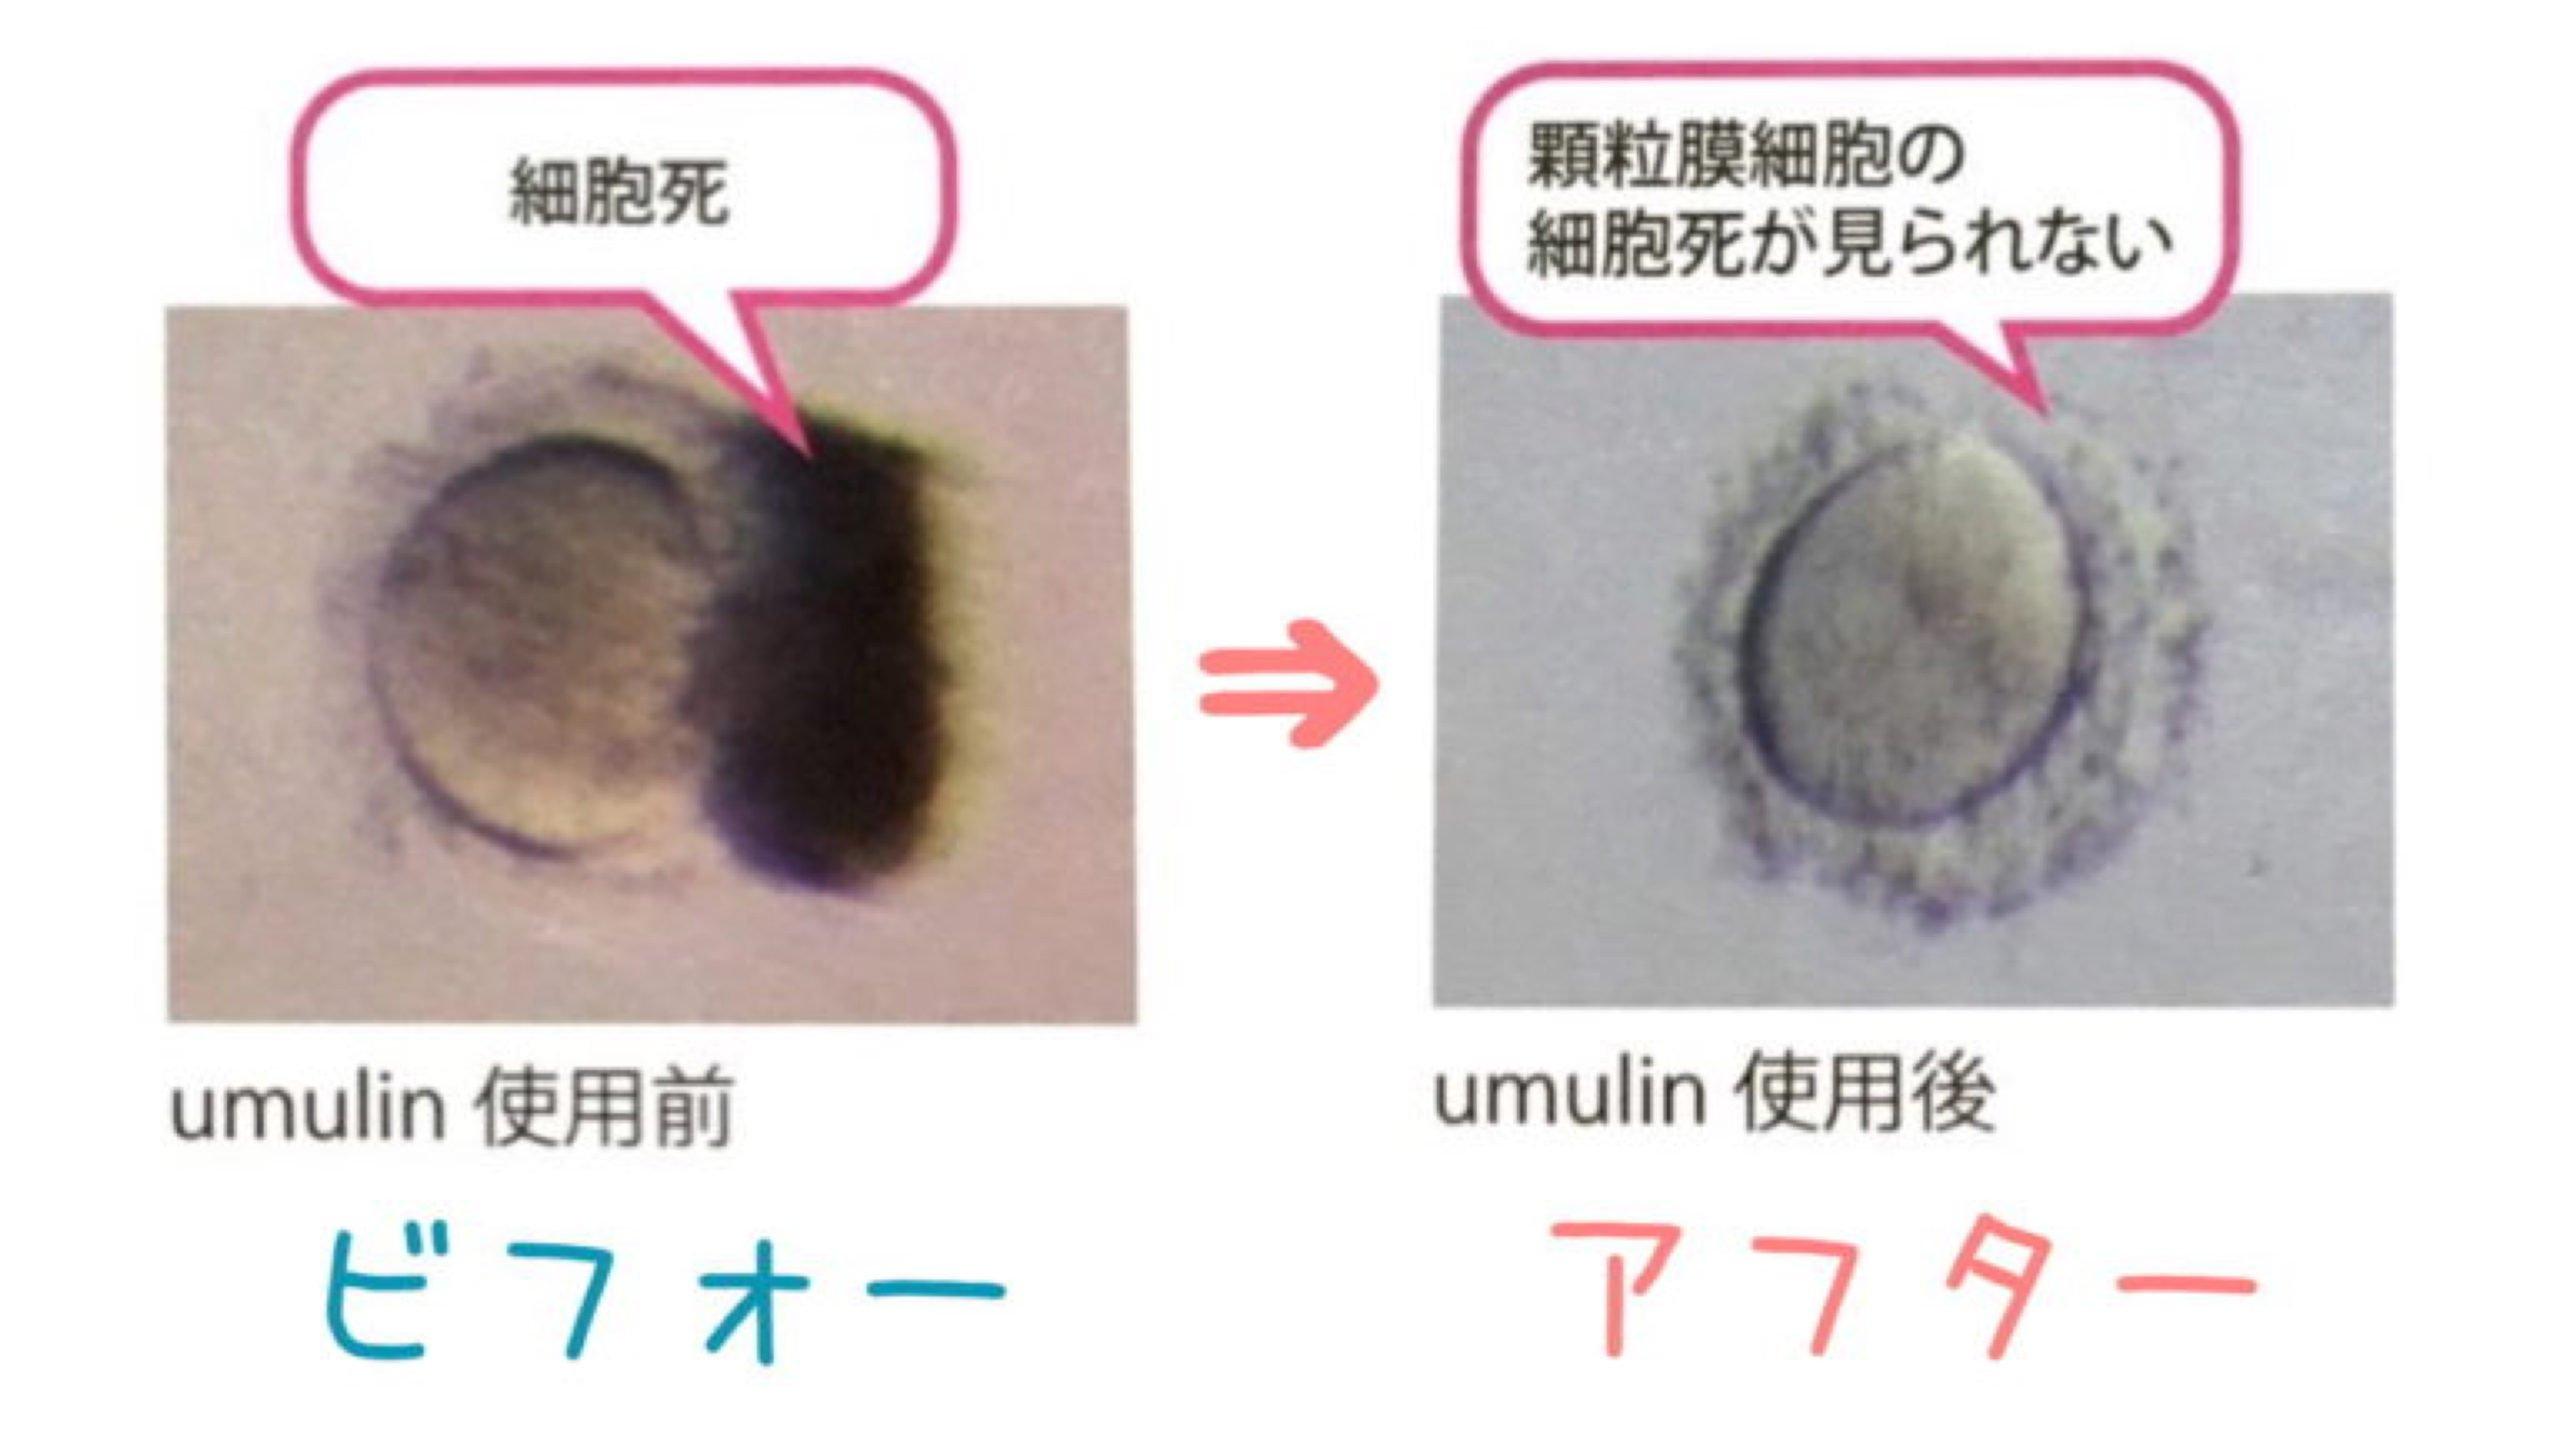 卵子の質を改善するサプリはウムリン一択!医師も認める効果とは?